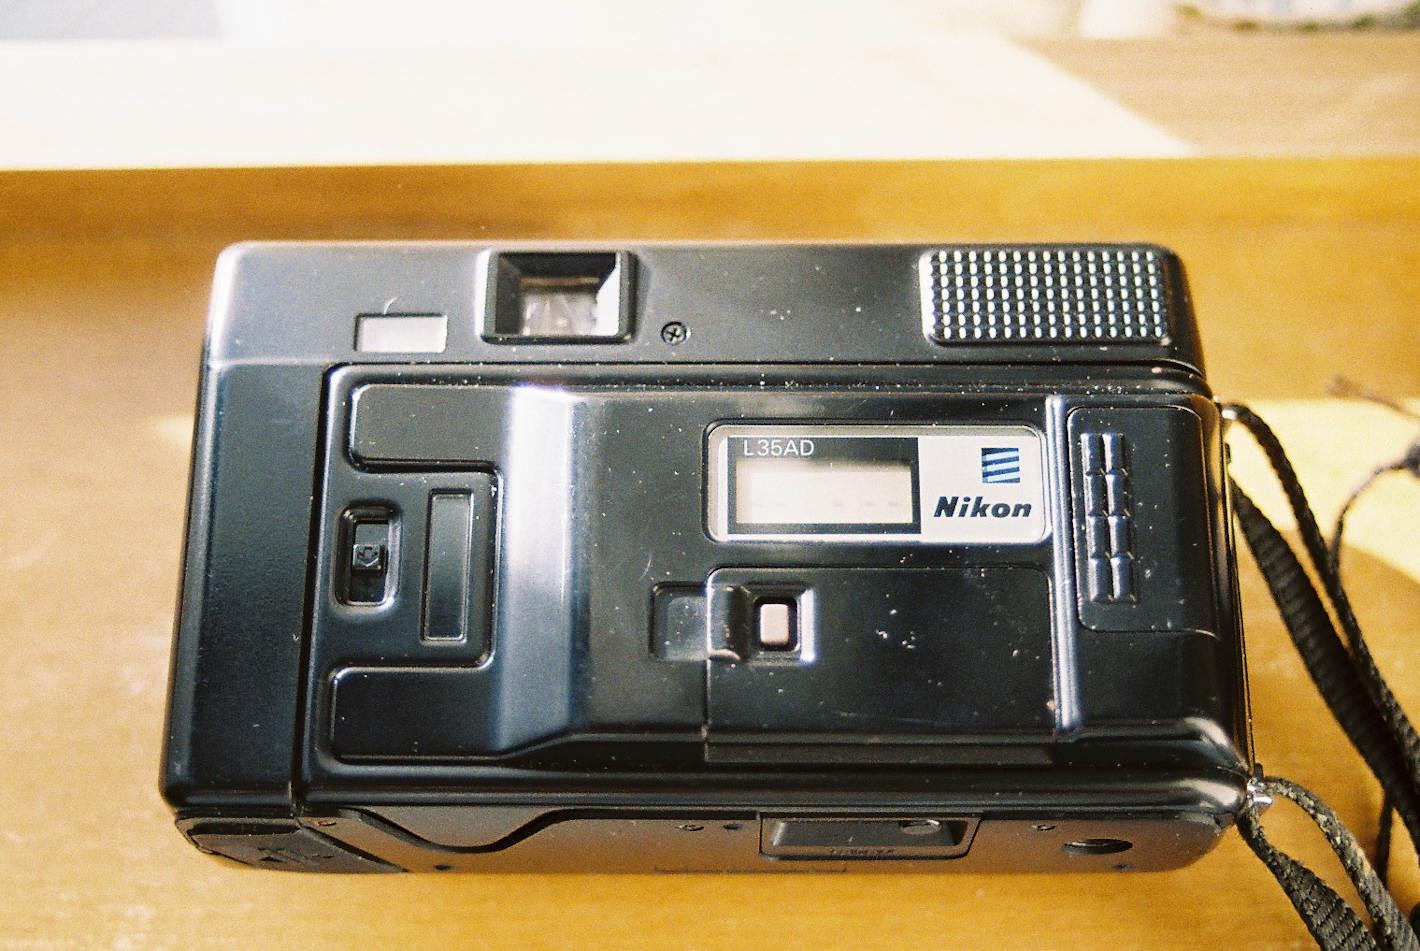 オートで気軽に撮れるコンパクトフィルム - L35ADで拾い集める大切な記憶のかけら